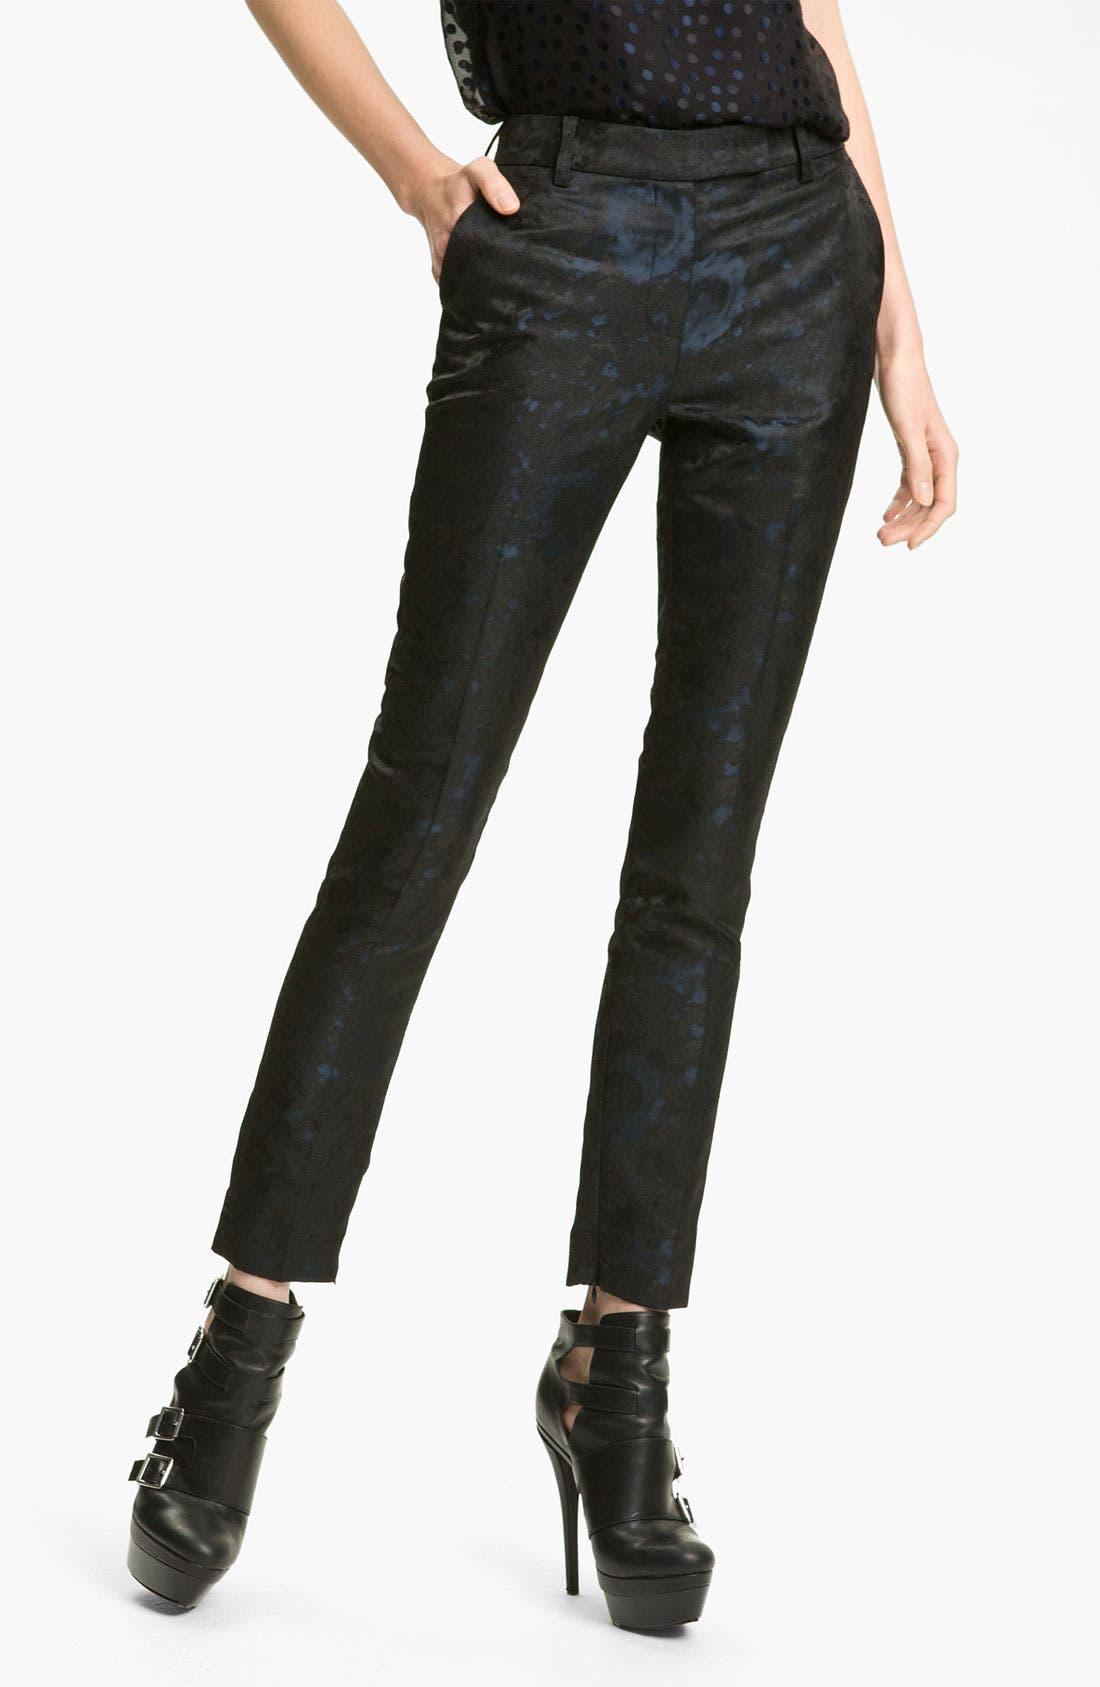 Main Image - Rachel Zoe 'Ian' Cigarette Leg Jacquard Pants